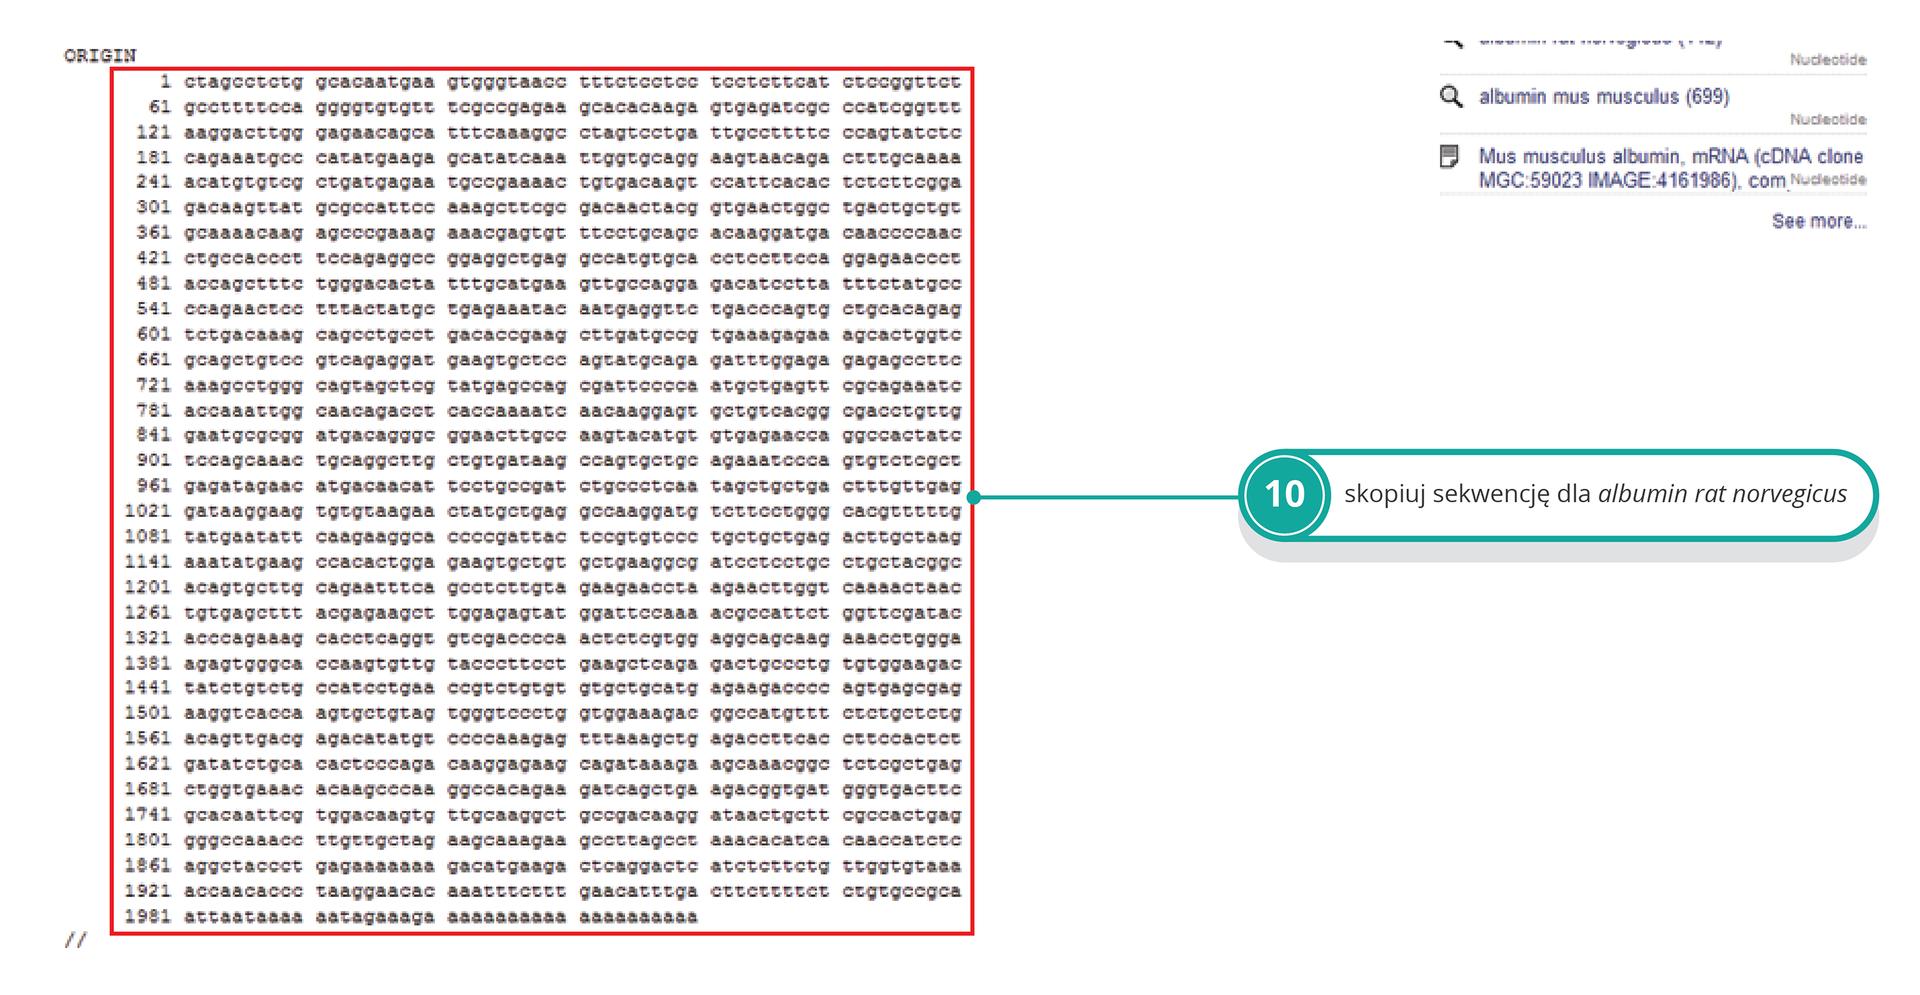 Ilustracja przedstawia sekwencję albuminy szczura do skopiowania. Ilustracja przedstawia miejsce wklejenia sekwencji białka szczura iprzycisk porównania obu sekwencji.